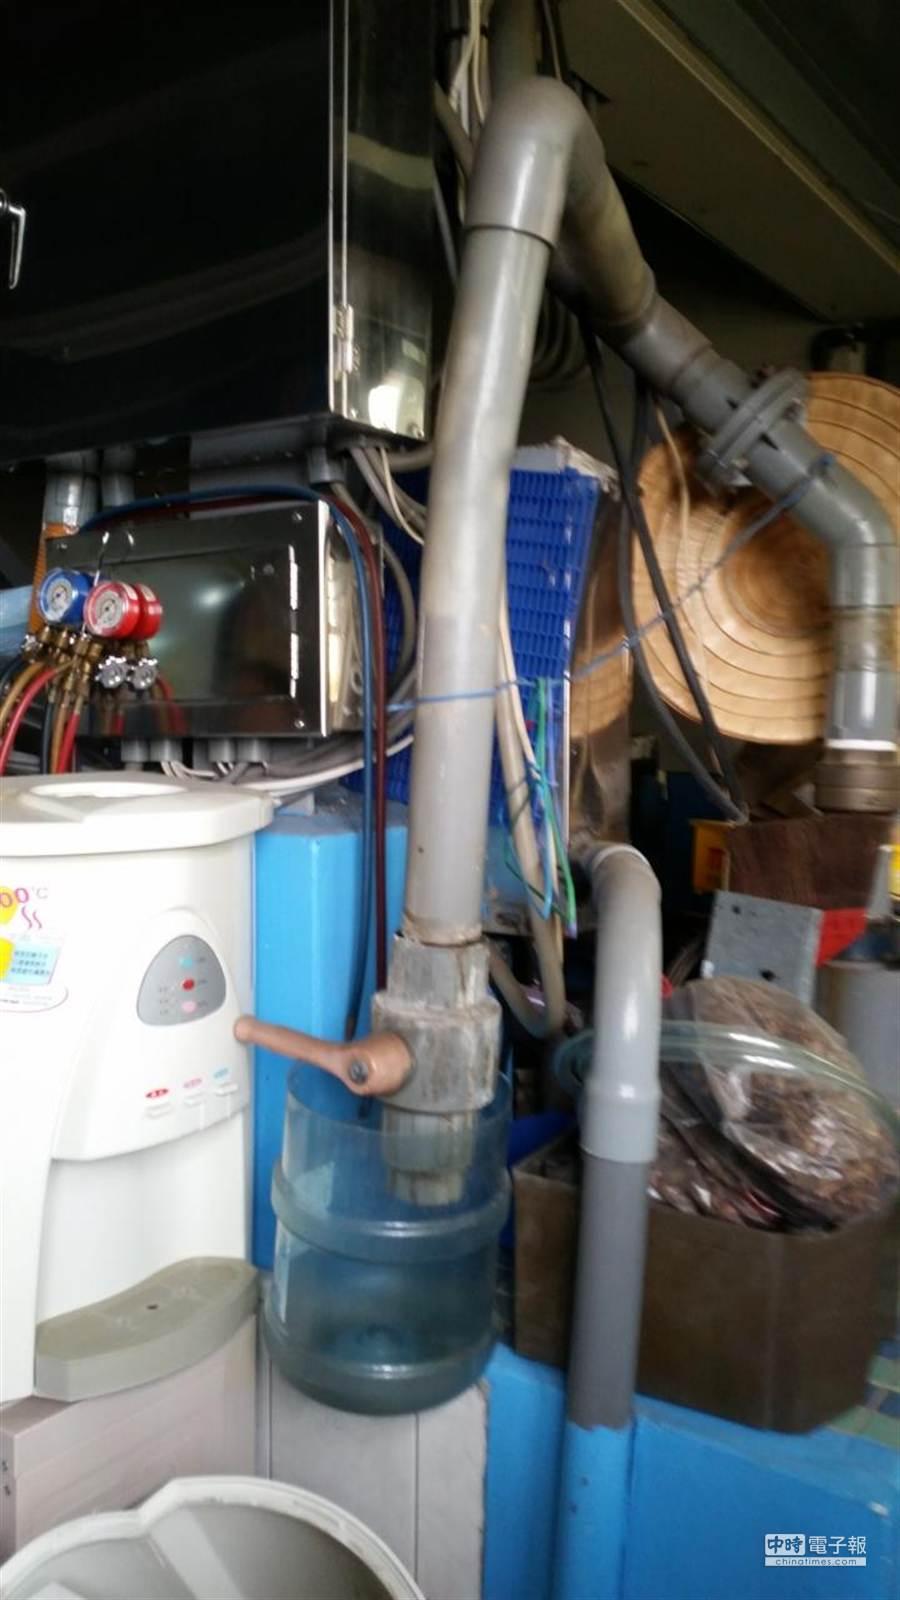 檢方在埔里企業行內查獲其自行在地下工廠內鑿井,且根本未申請水源供應許可。(劉宥廷翻攝)